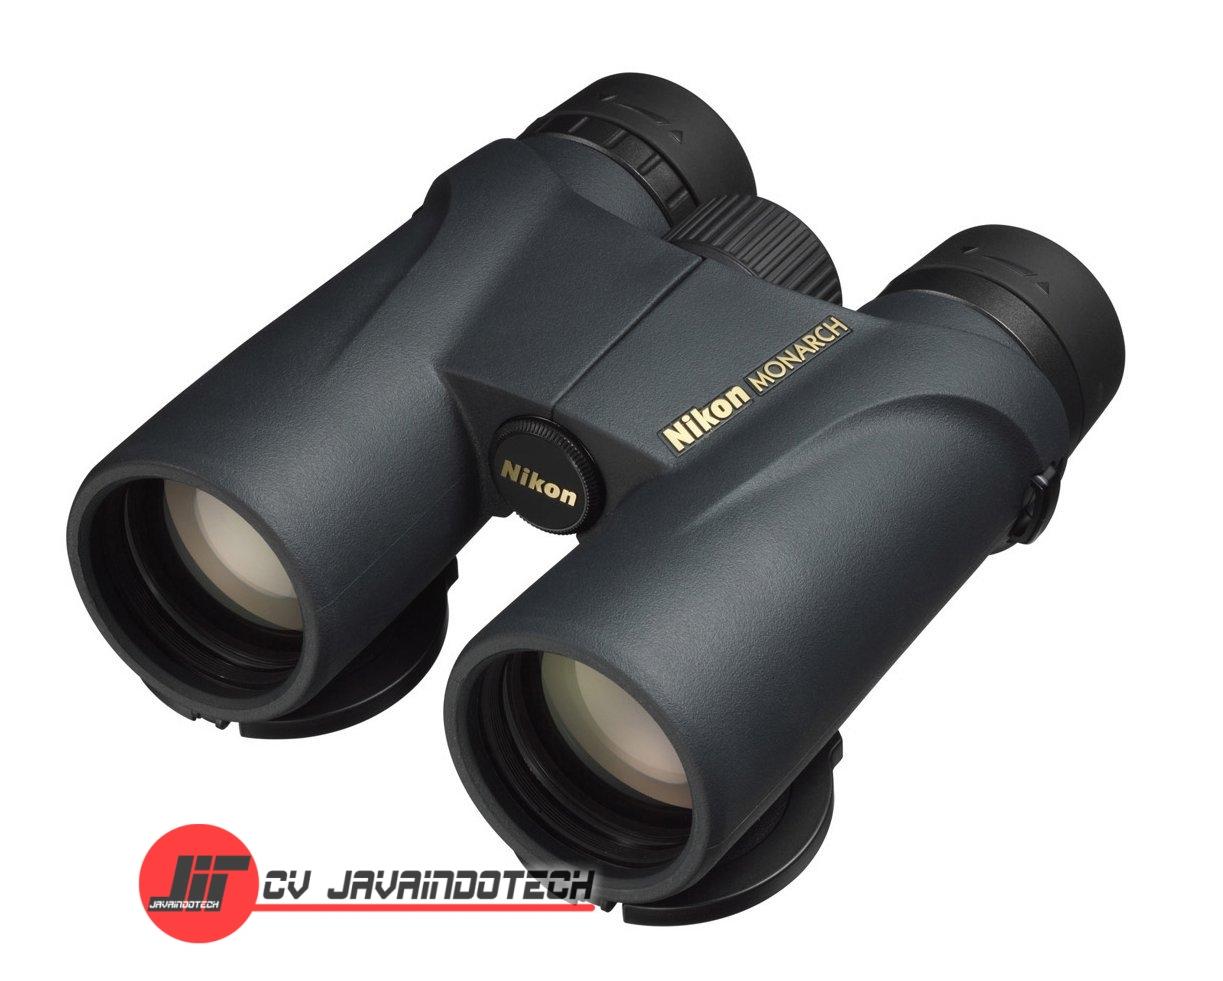 Review Spesifikasi dan Harga Jual Nikon MONARCH 5 8x42 original termurah dan bergaransi resmi